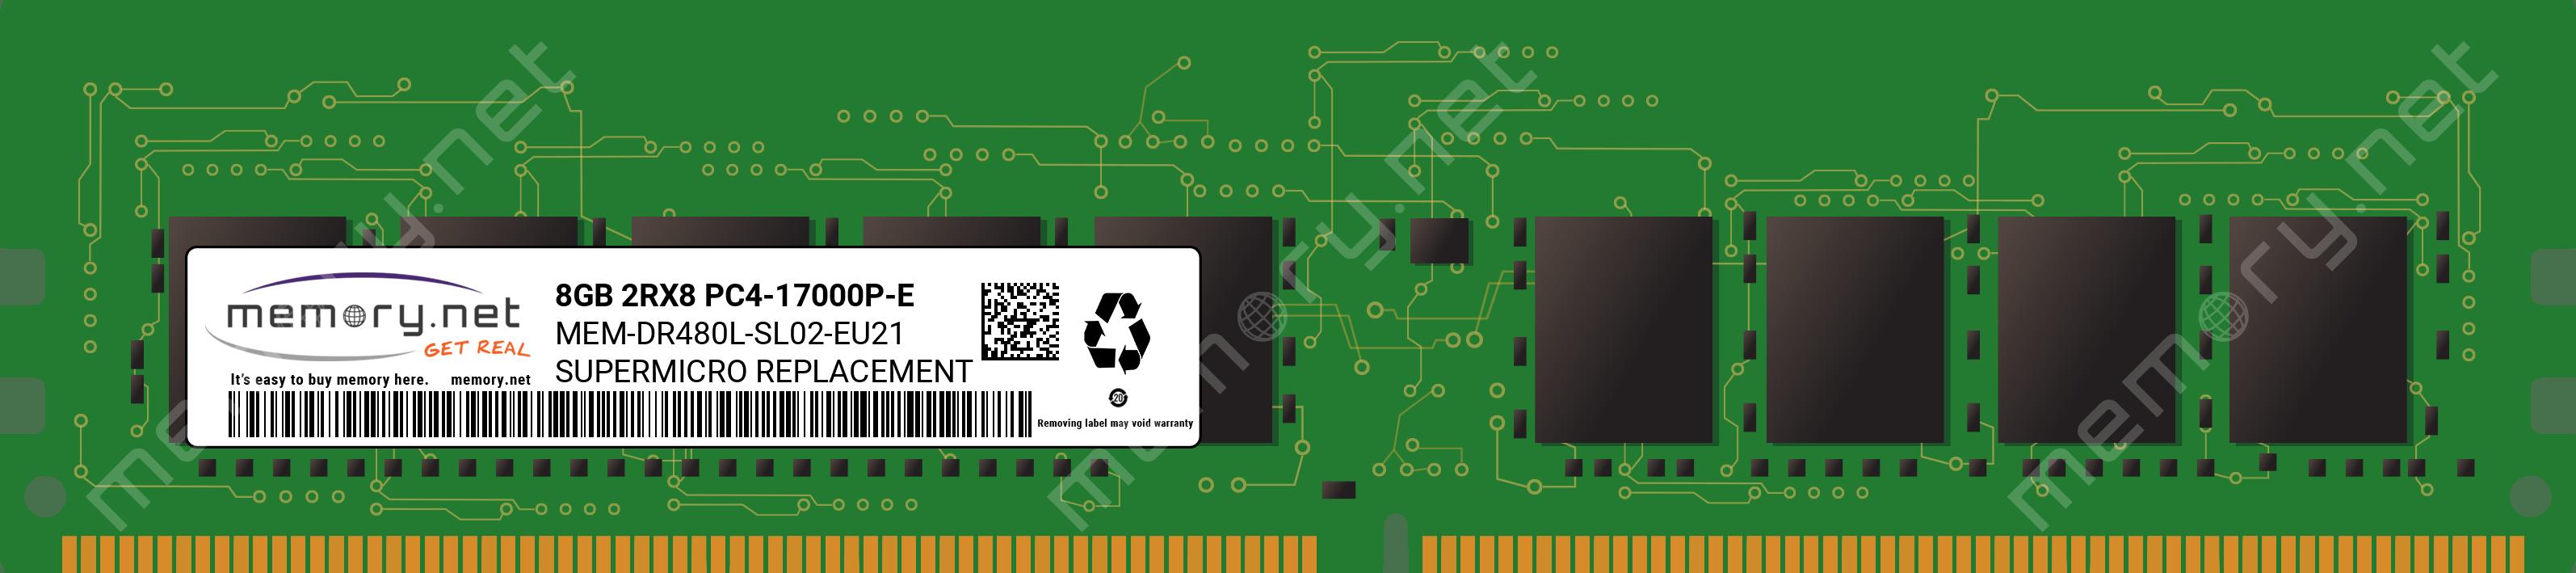 MEM-DR480L-SL02-EU21